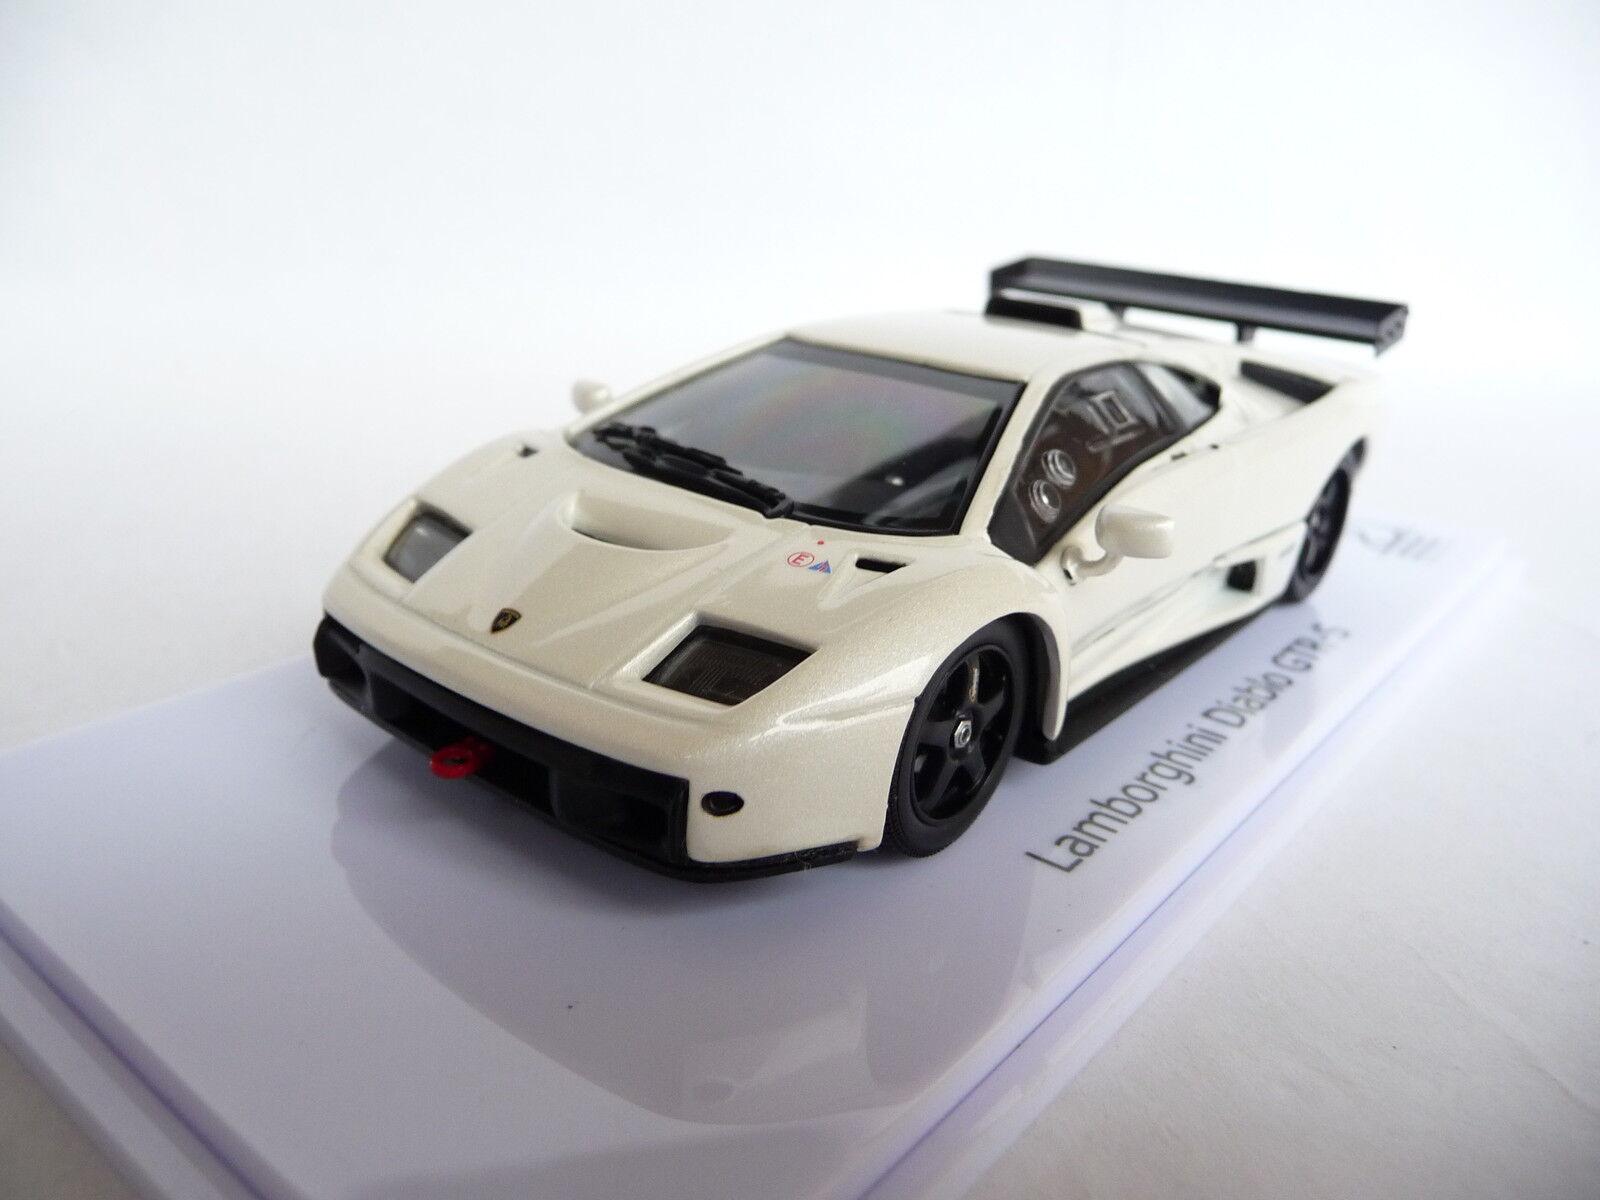 Venta en línea de descuento de fábrica Kyosho 1 43 LAMBORGHINI DIABLO GTR-S PEARL blanco blanco blanco KY03215PW  costo real